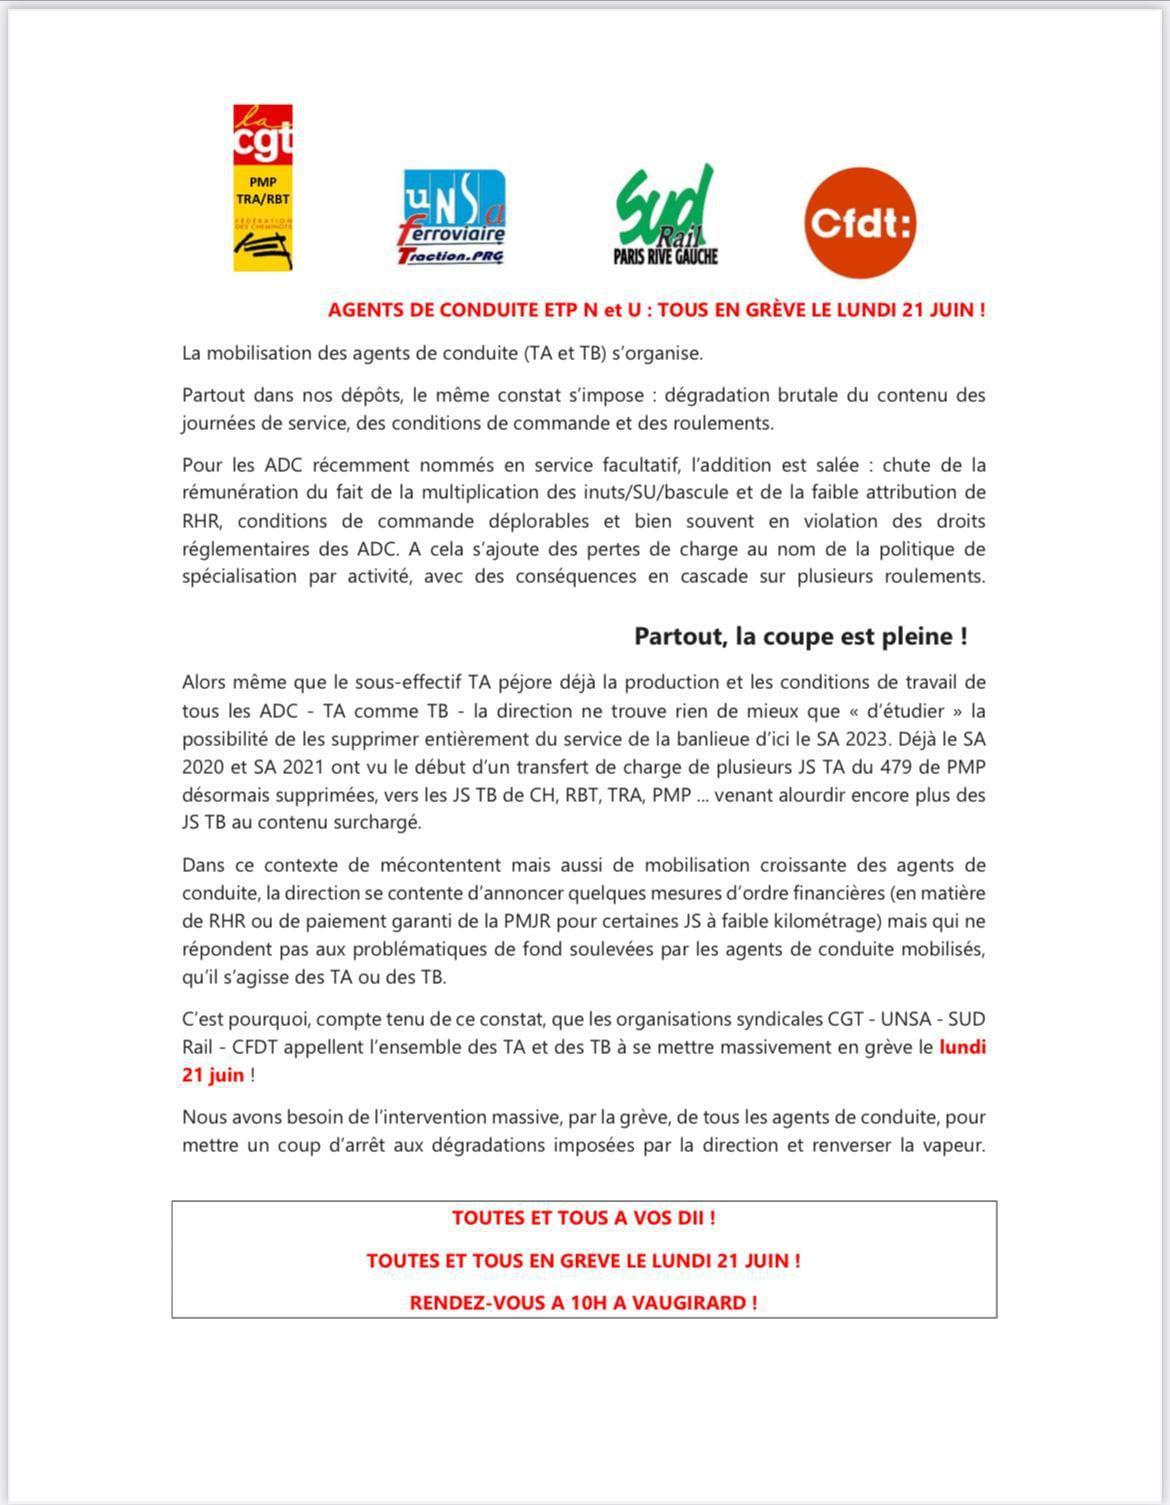 Les conducteurs de trains d'Île de France seront massivement en grève le Lundi 21 juin